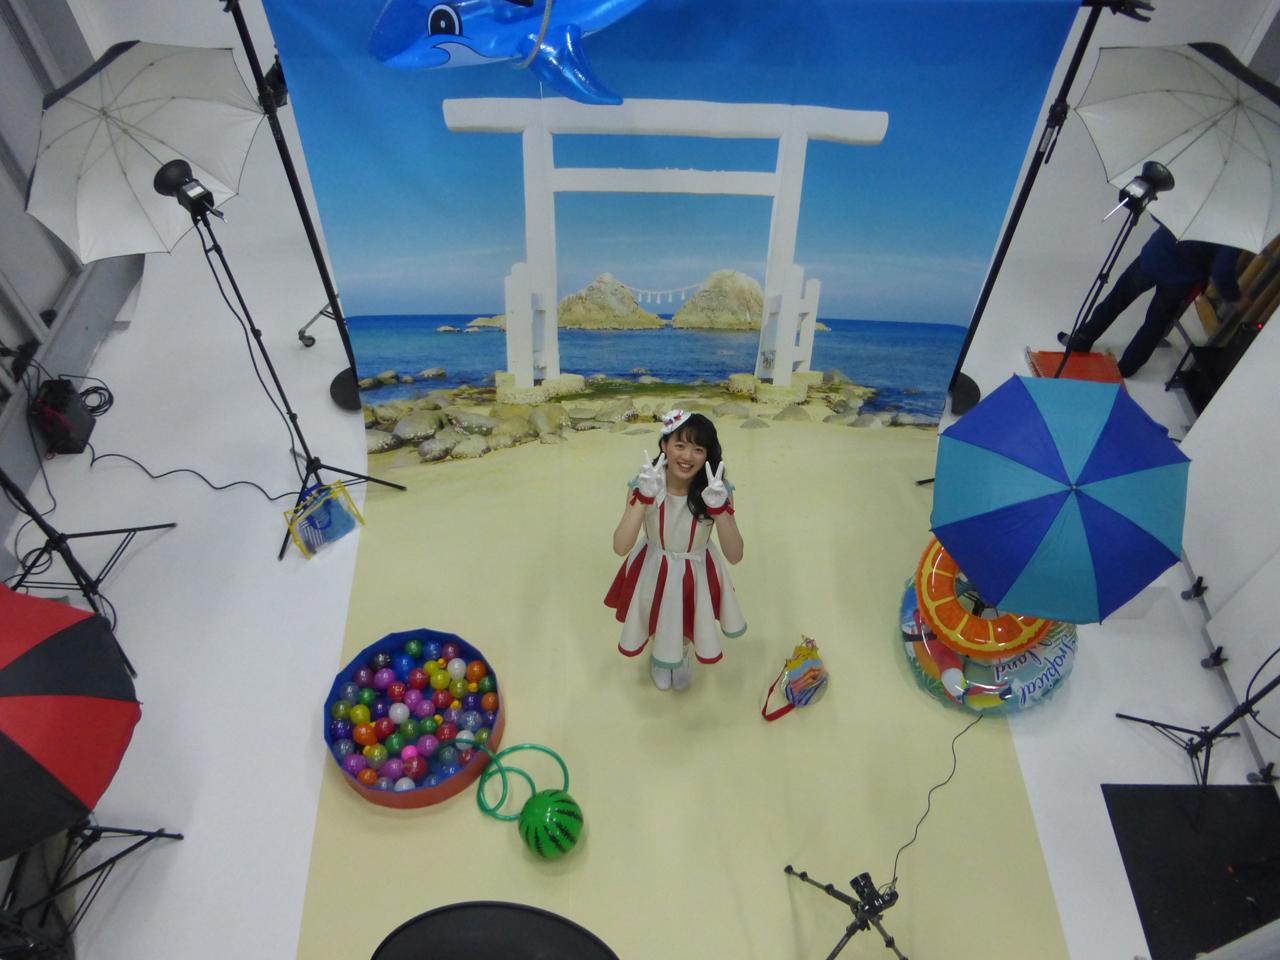 ジャケット撮影はこんな感じで、福岡県の糸島にある桜井二見ヶ浦の夫婦岩と鳥居をイメージしたバック紙の前で。(愛)